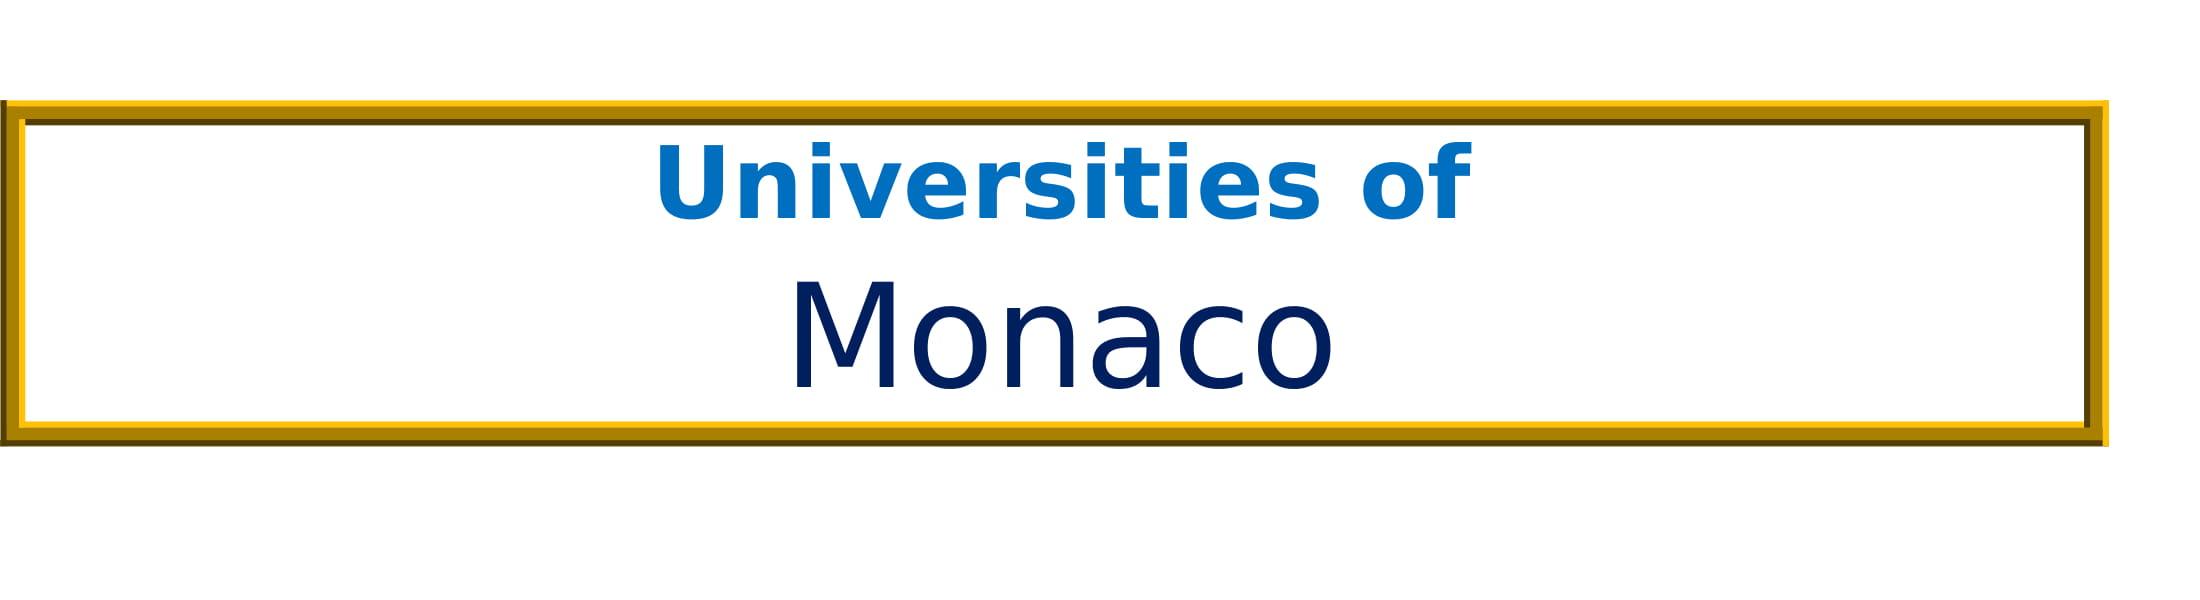 List of Universities in Monaco